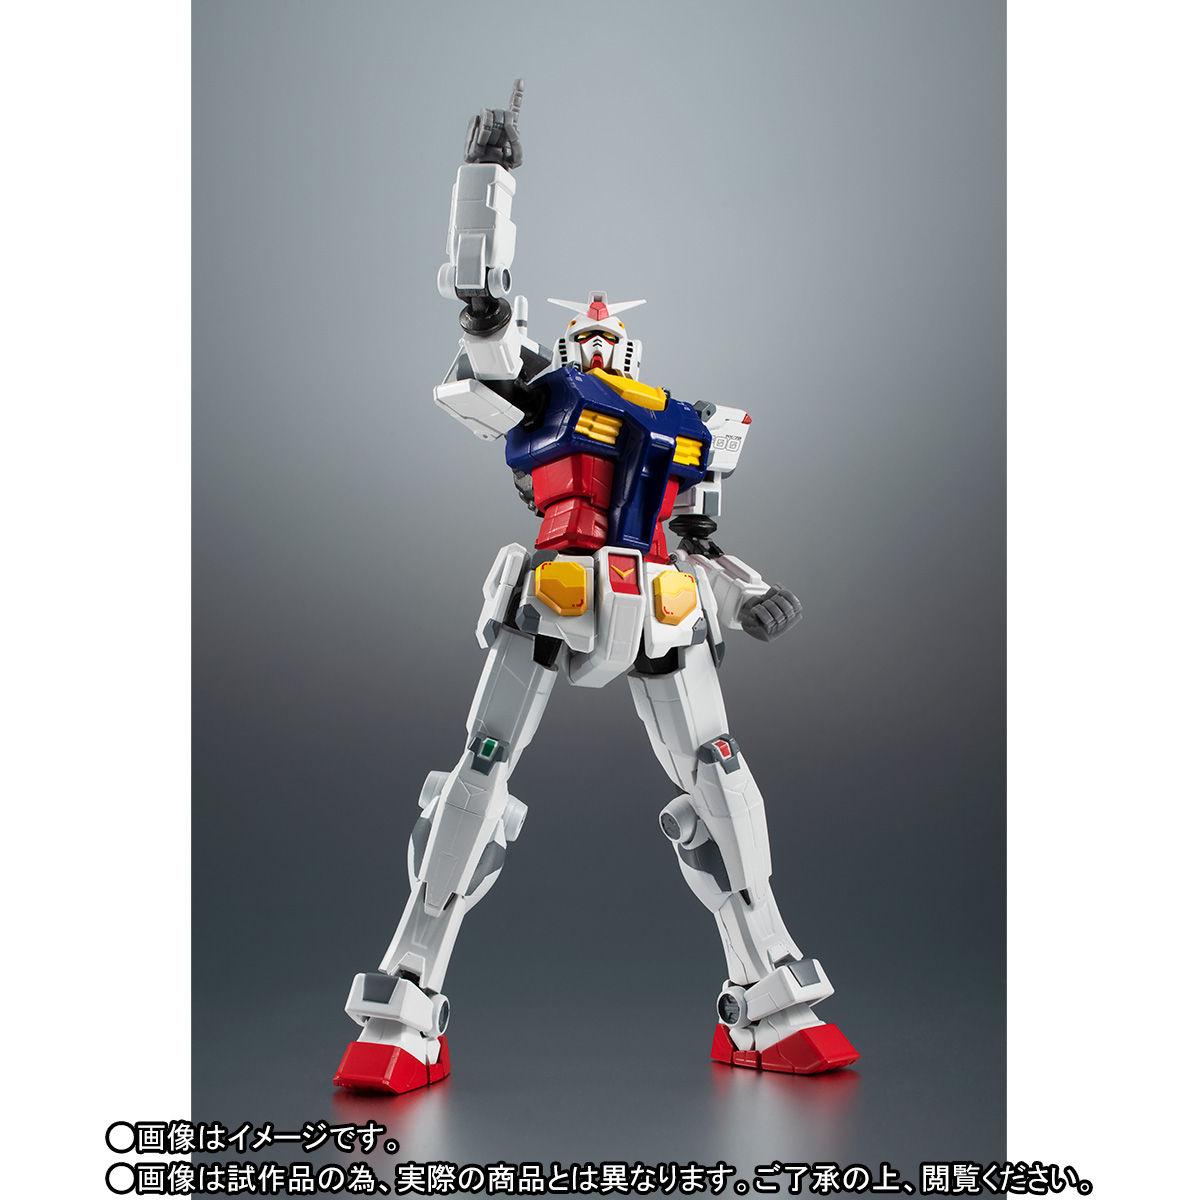 【限定販売】ROBOT魂〈SIDE MS〉『RX-78F00 ガンダム』可動フィギュア-005